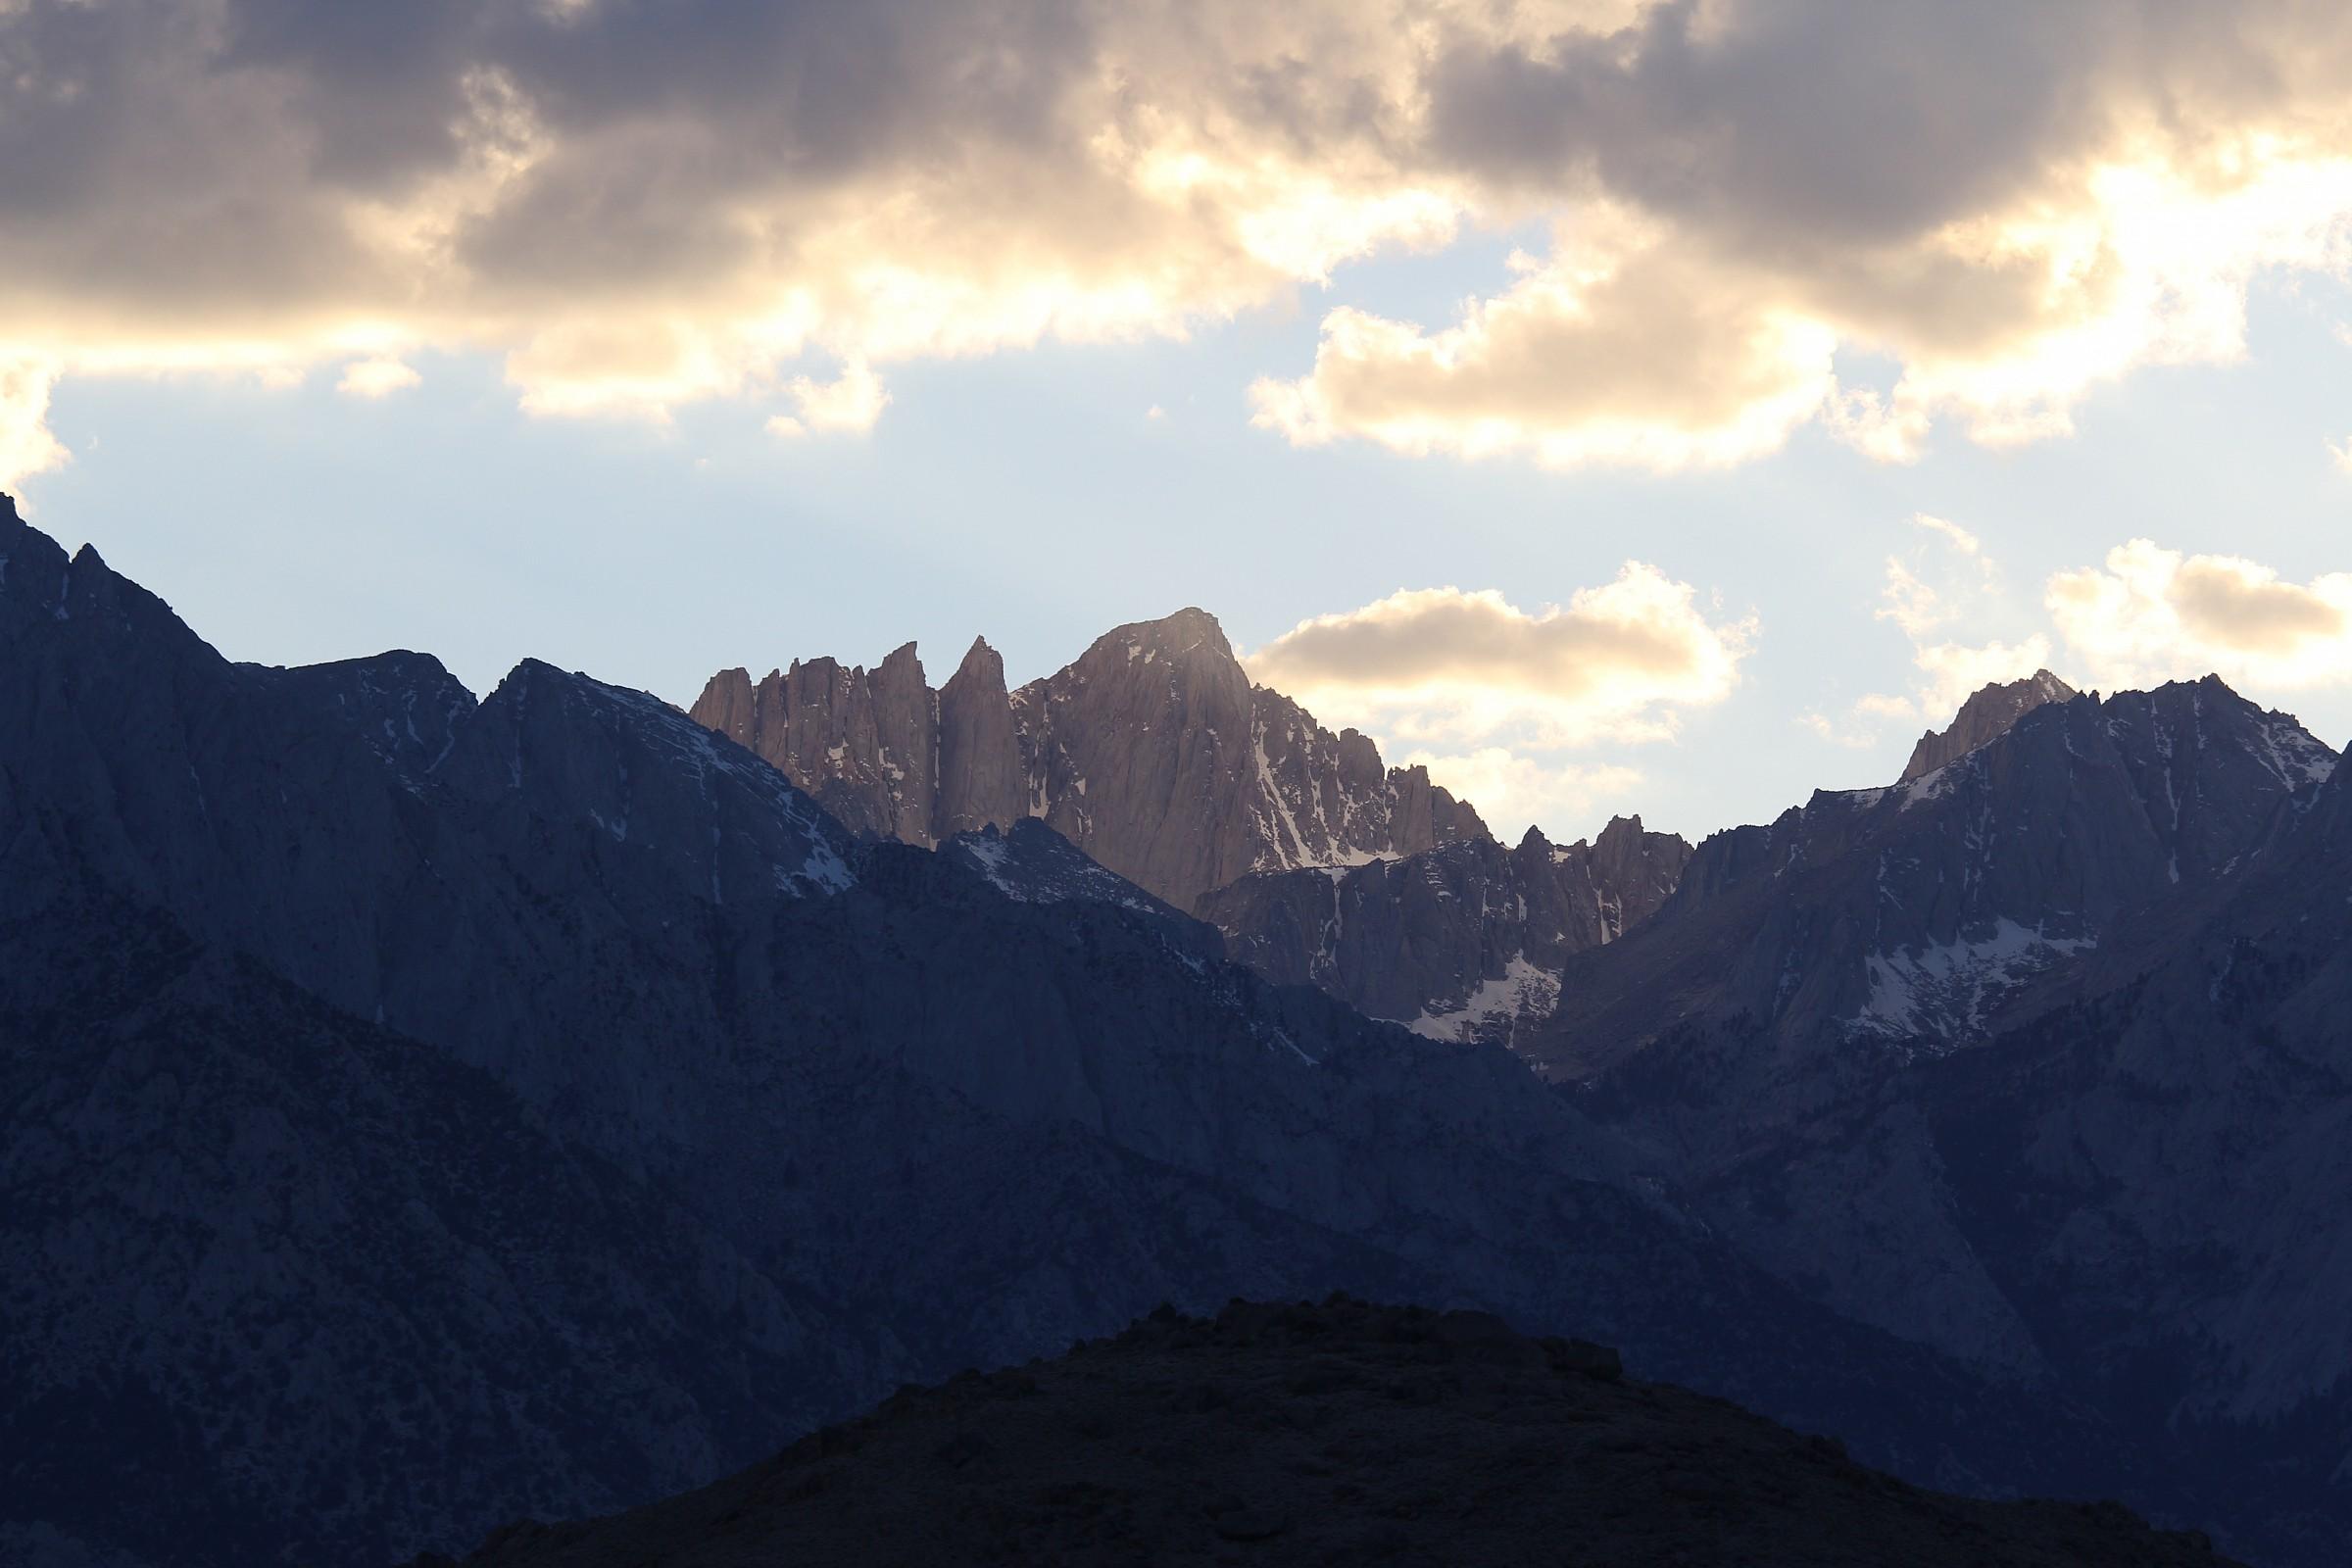 Sierra Nevada montagne...